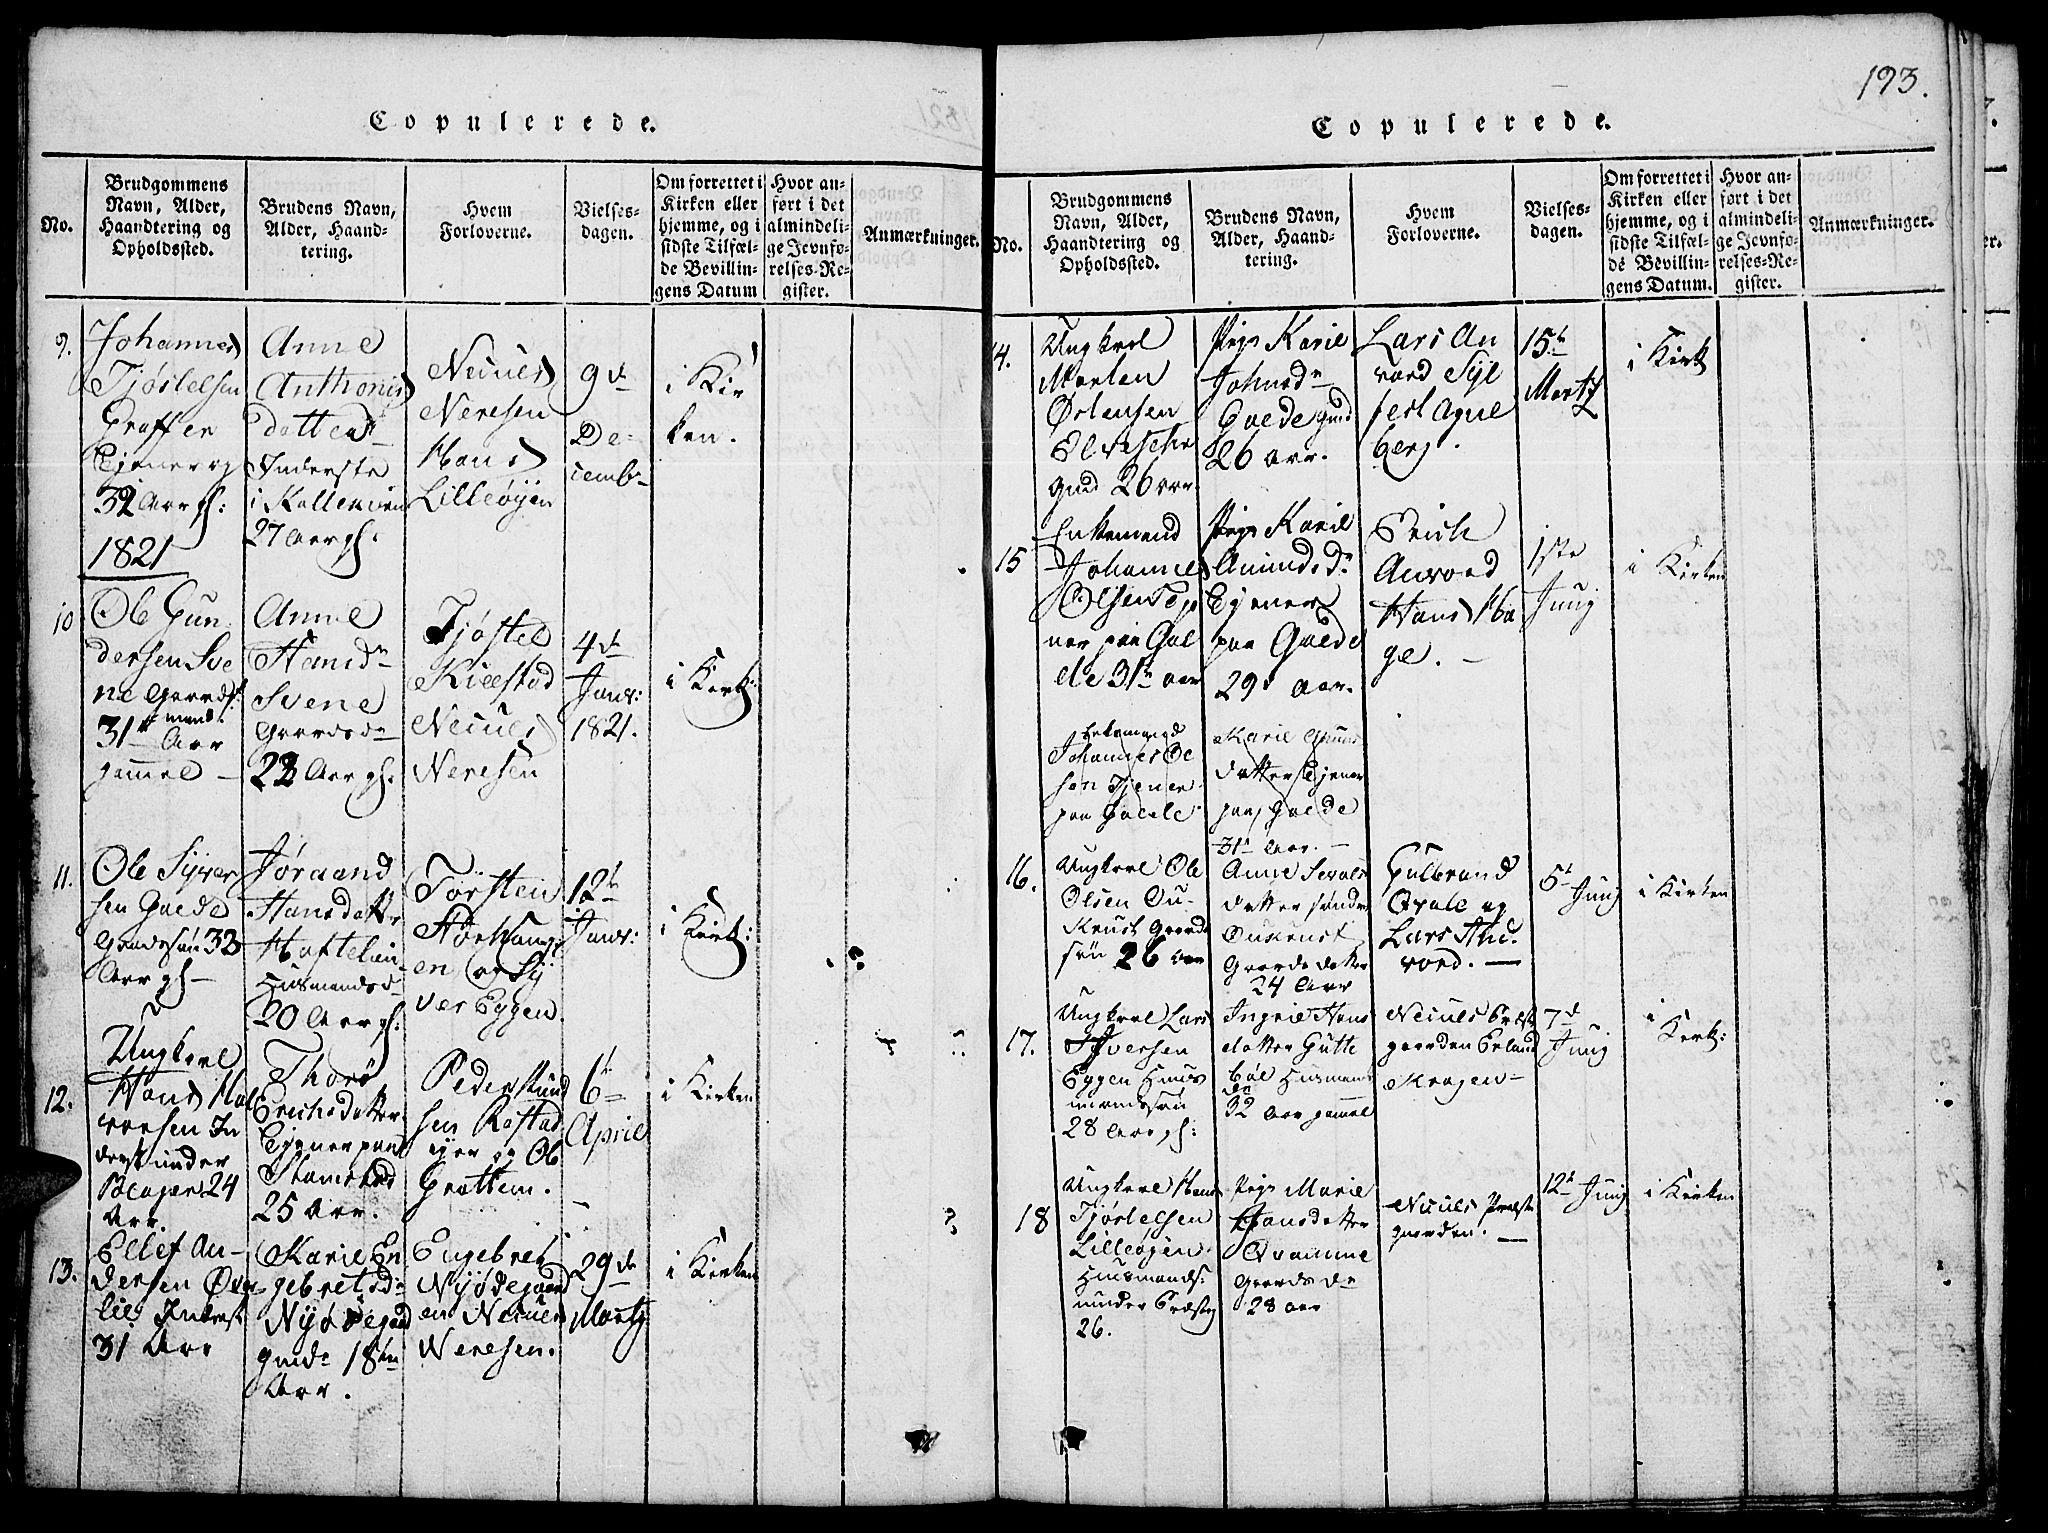 SAH, Lom prestekontor, L/L0001: Klokkerbok nr. 1, 1815-1836, s. 193